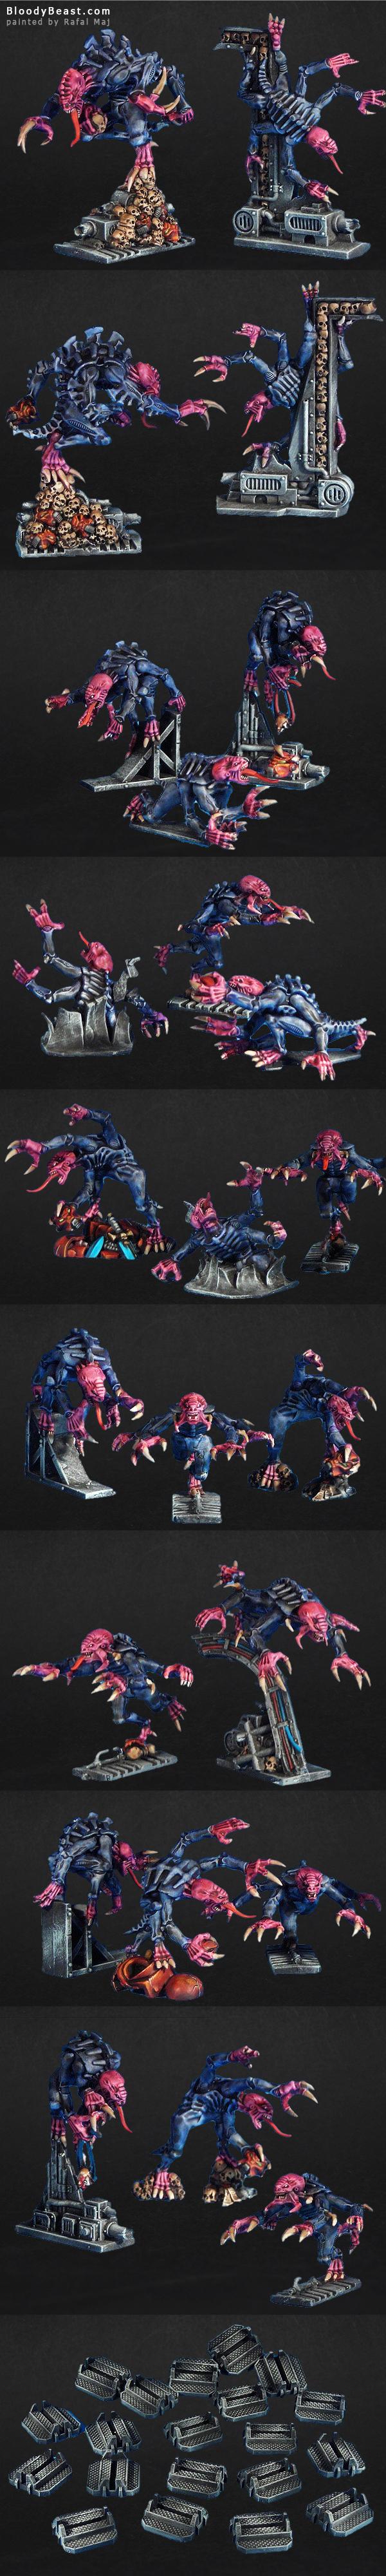 Space Hulk 3rd Edition Genestealers painted by Rafal Maj (BloodyBeast.com)